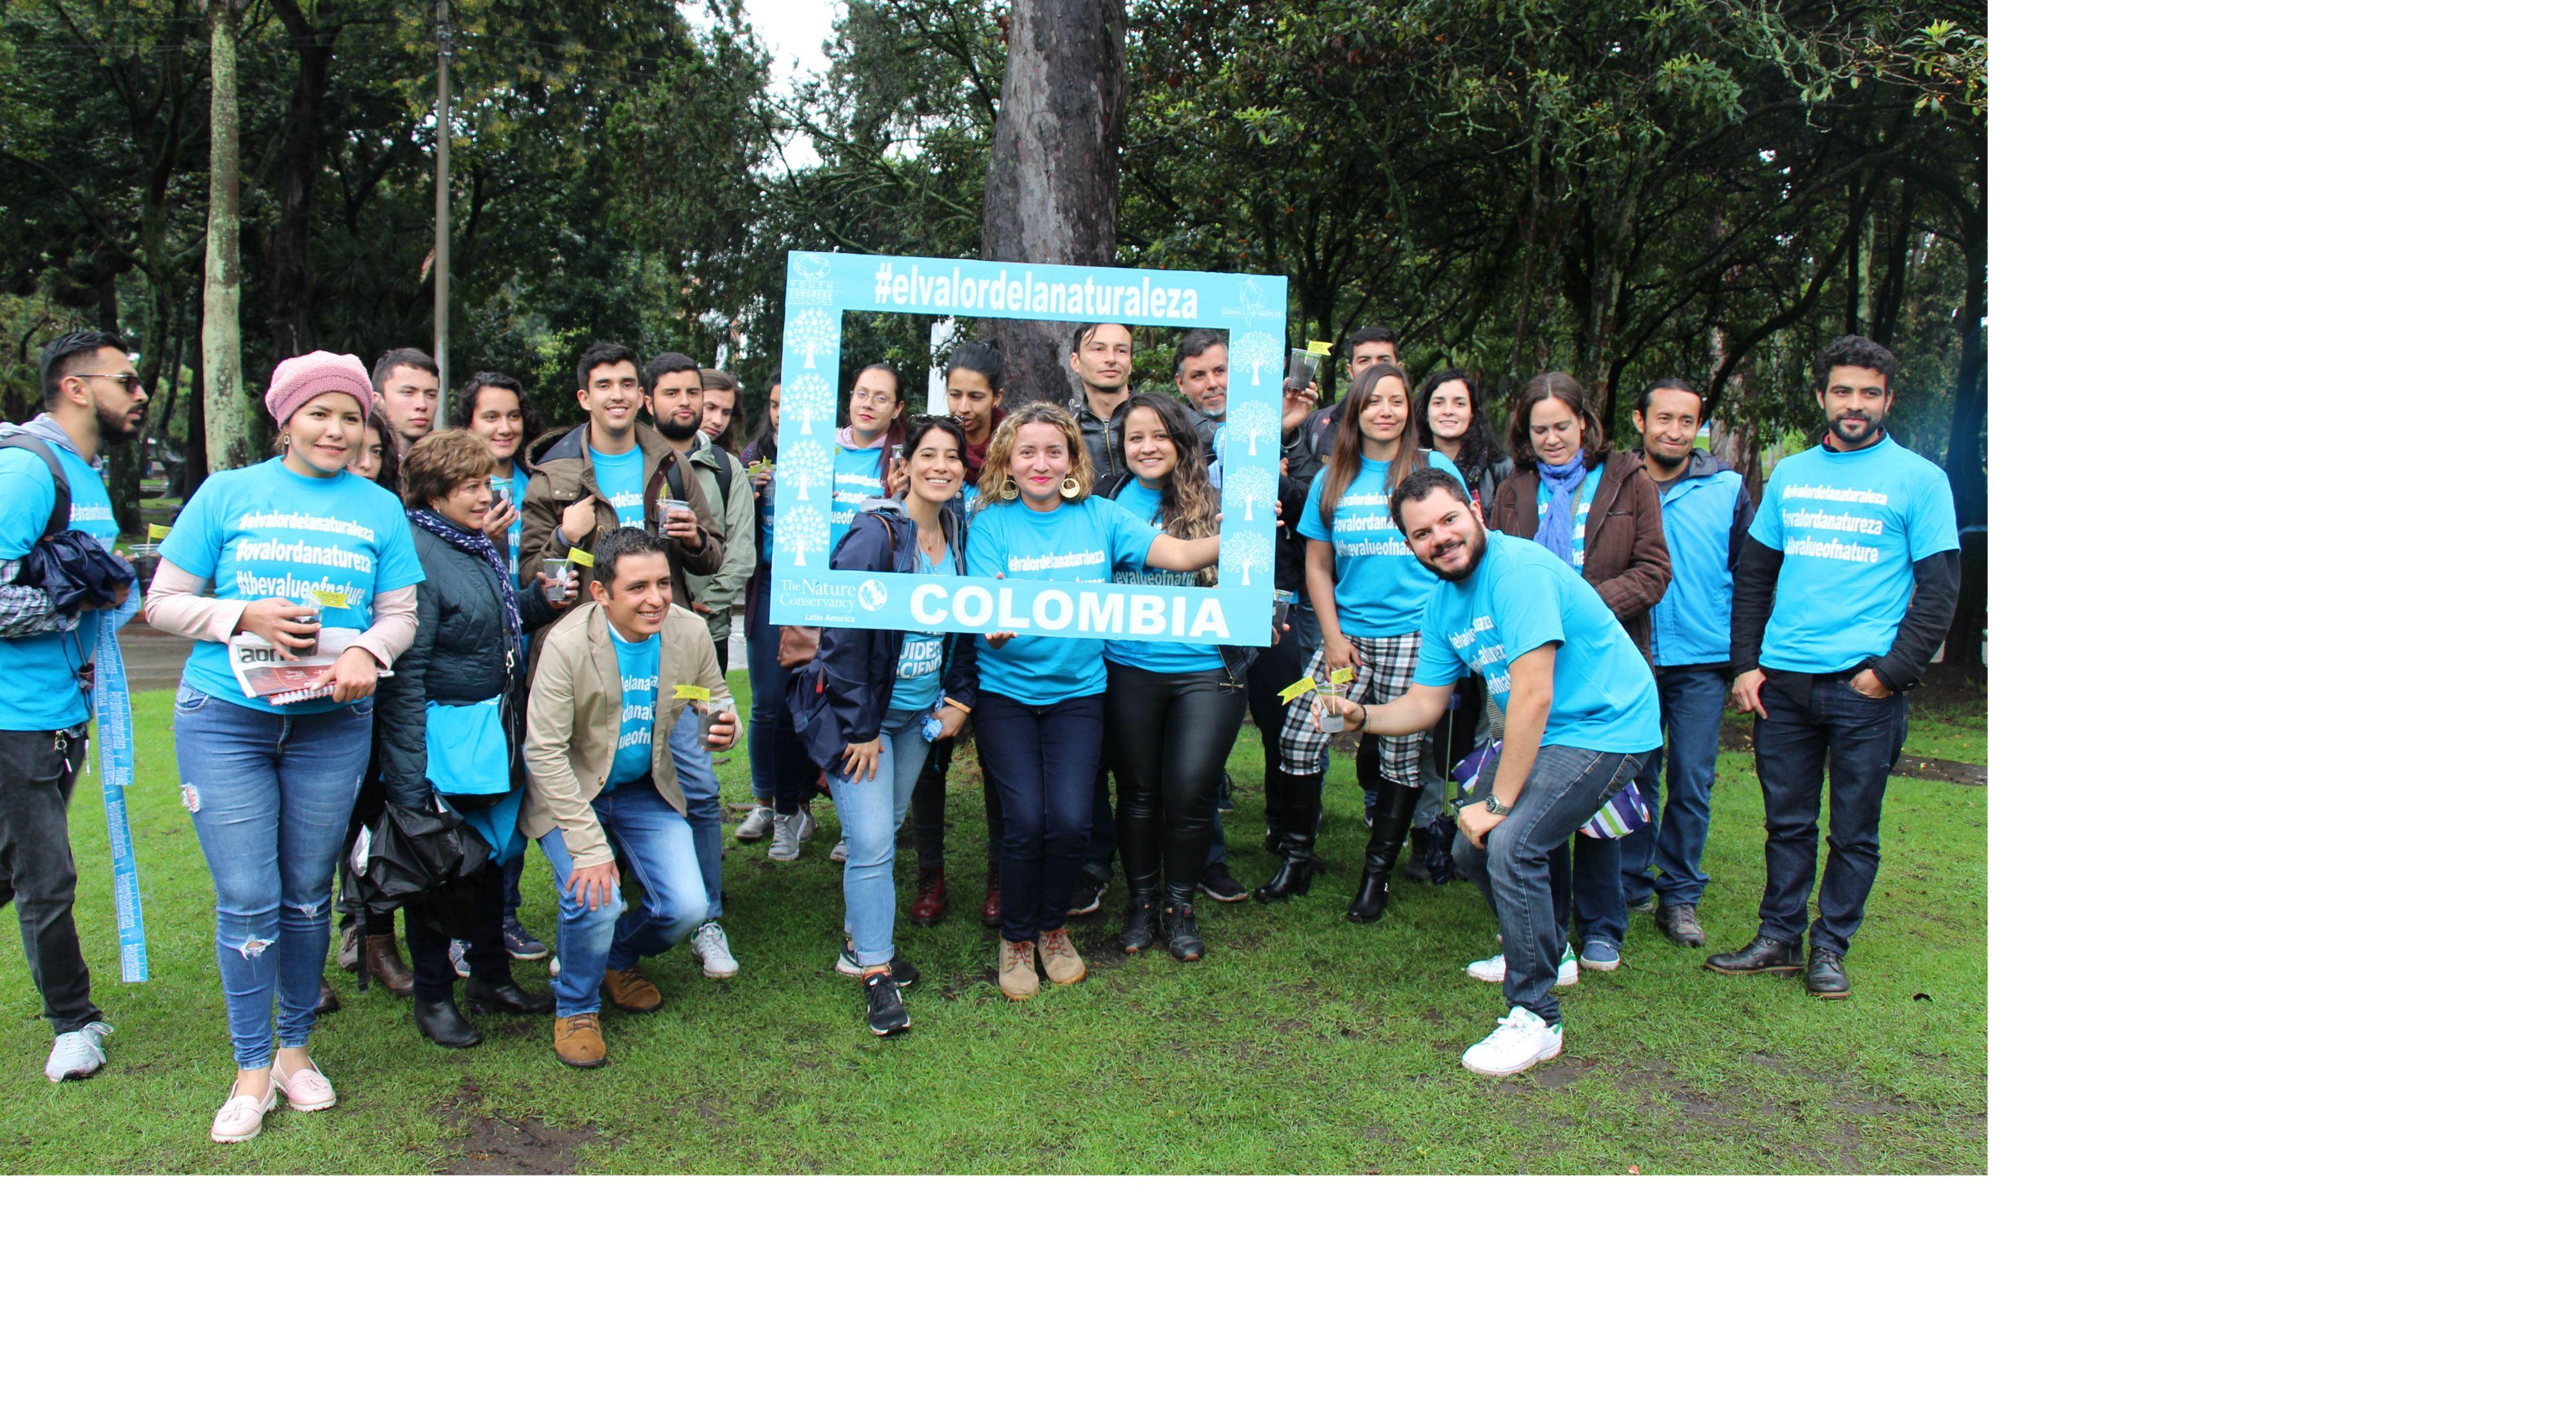 en acción en Bogotá durante la campaña #TheValueOfNature en junio 2019.